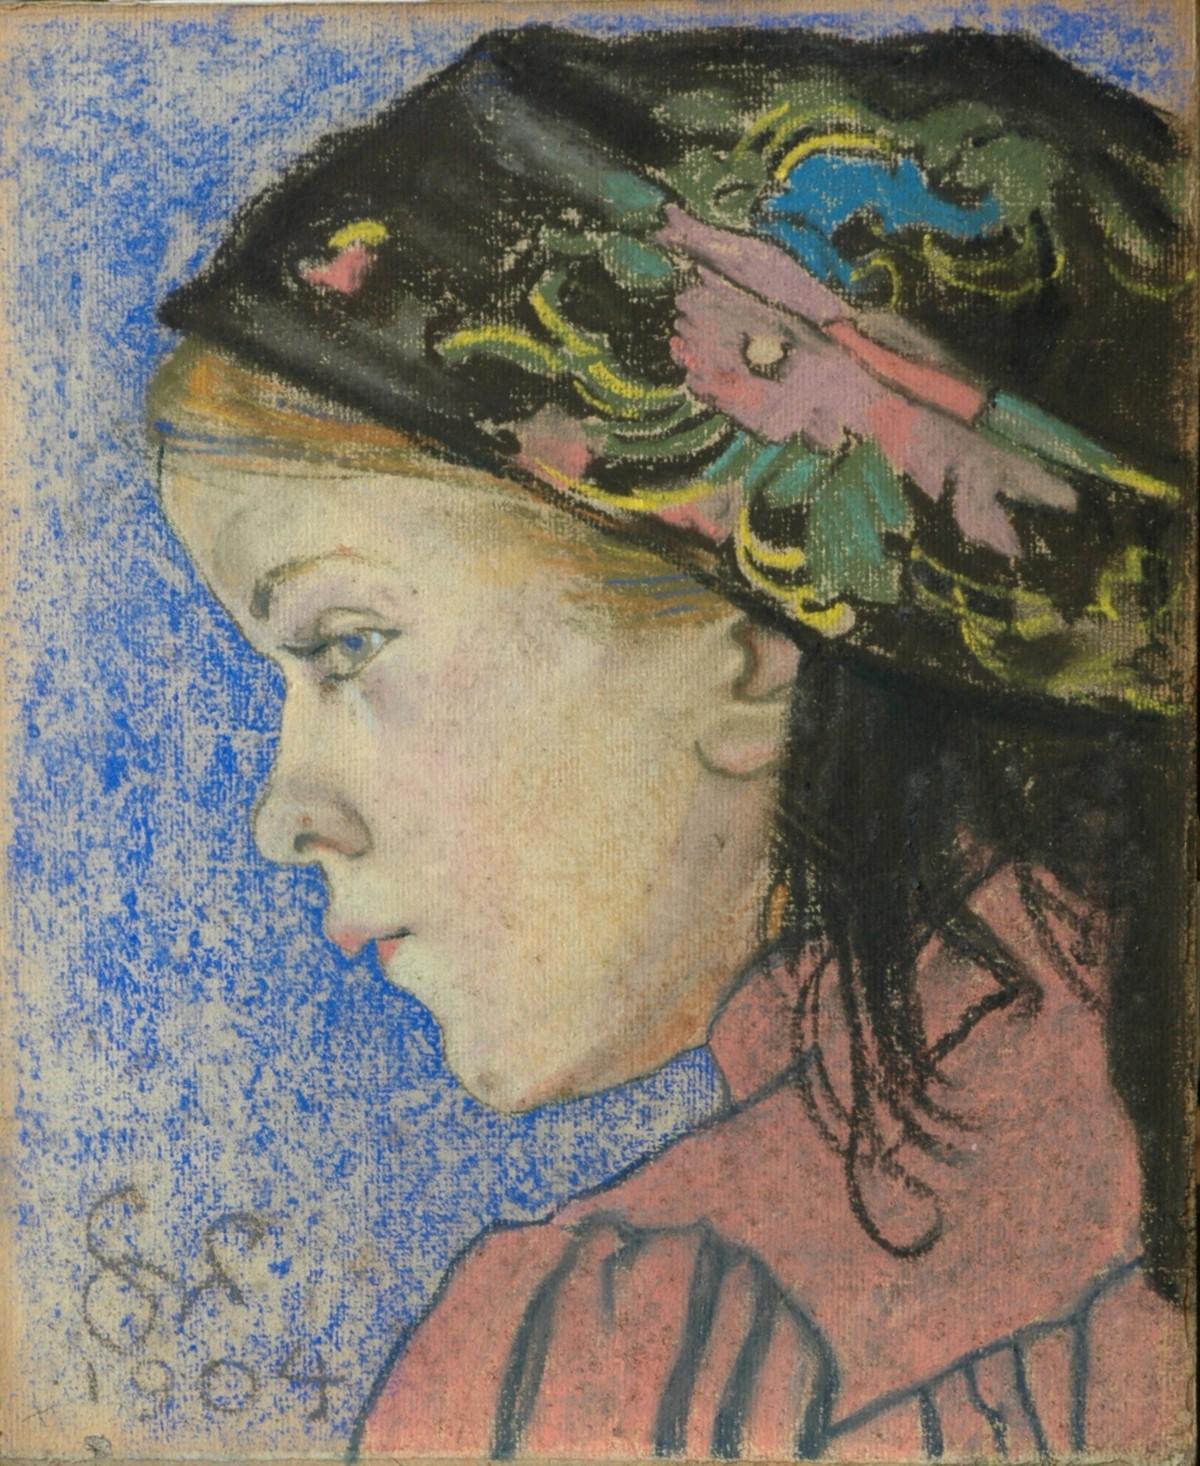 """Stanisław Wyspiański, """"Dziewczynka w krakowskiej huście"""", 1904, Muzeum im. Jacka Malczewskiego w Radomiu (źródło: materiały prasowe organizatora)"""